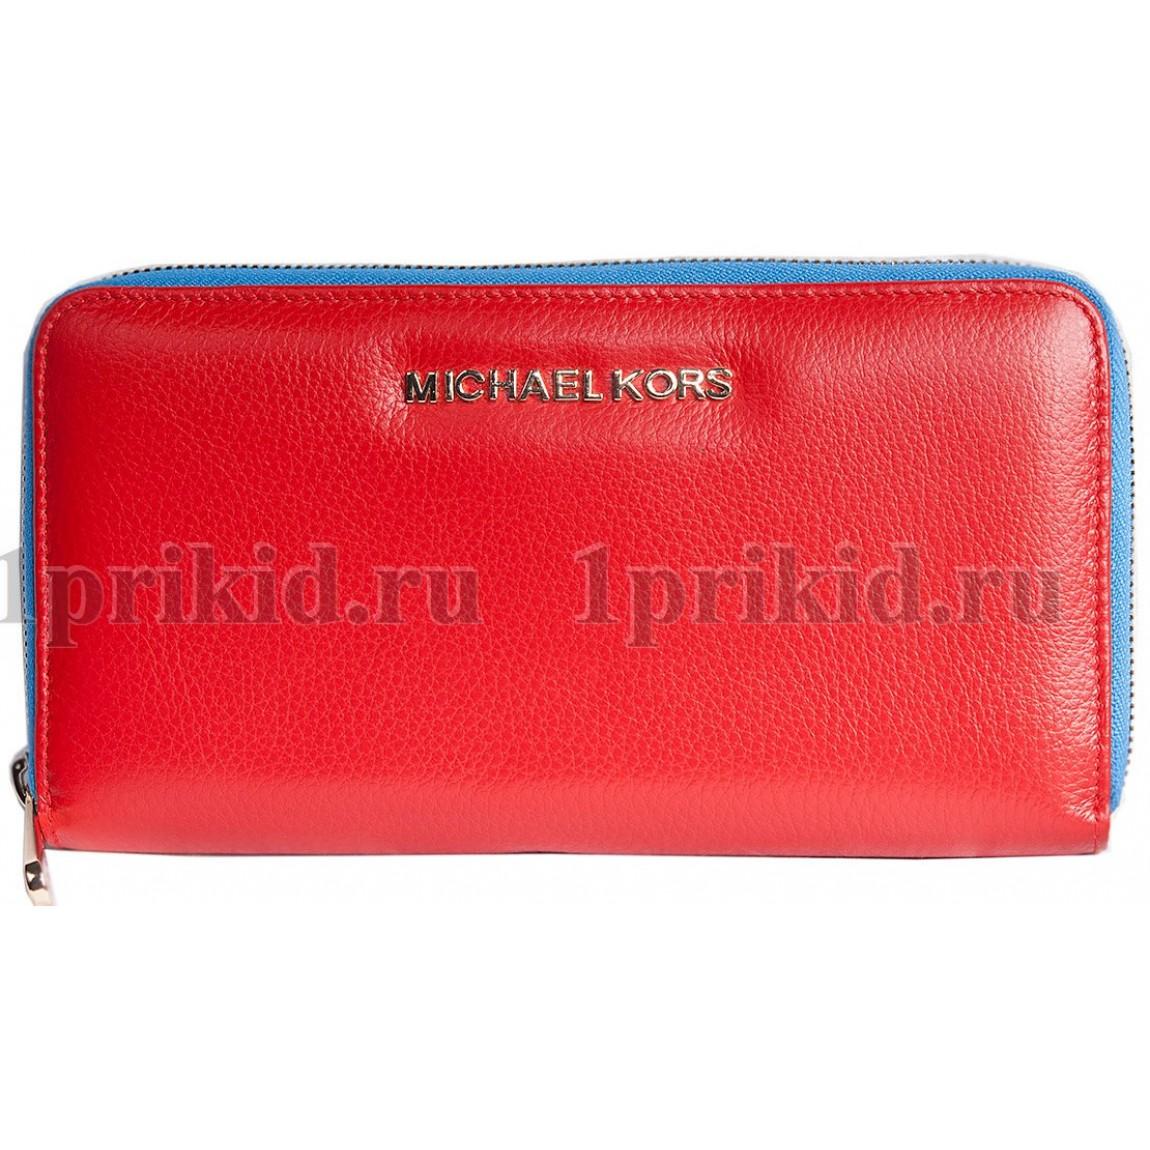 MICHAEL KORS кошелек женский красный натуральная кожа 19x2x10см 34597 ... 46aafe7a93b